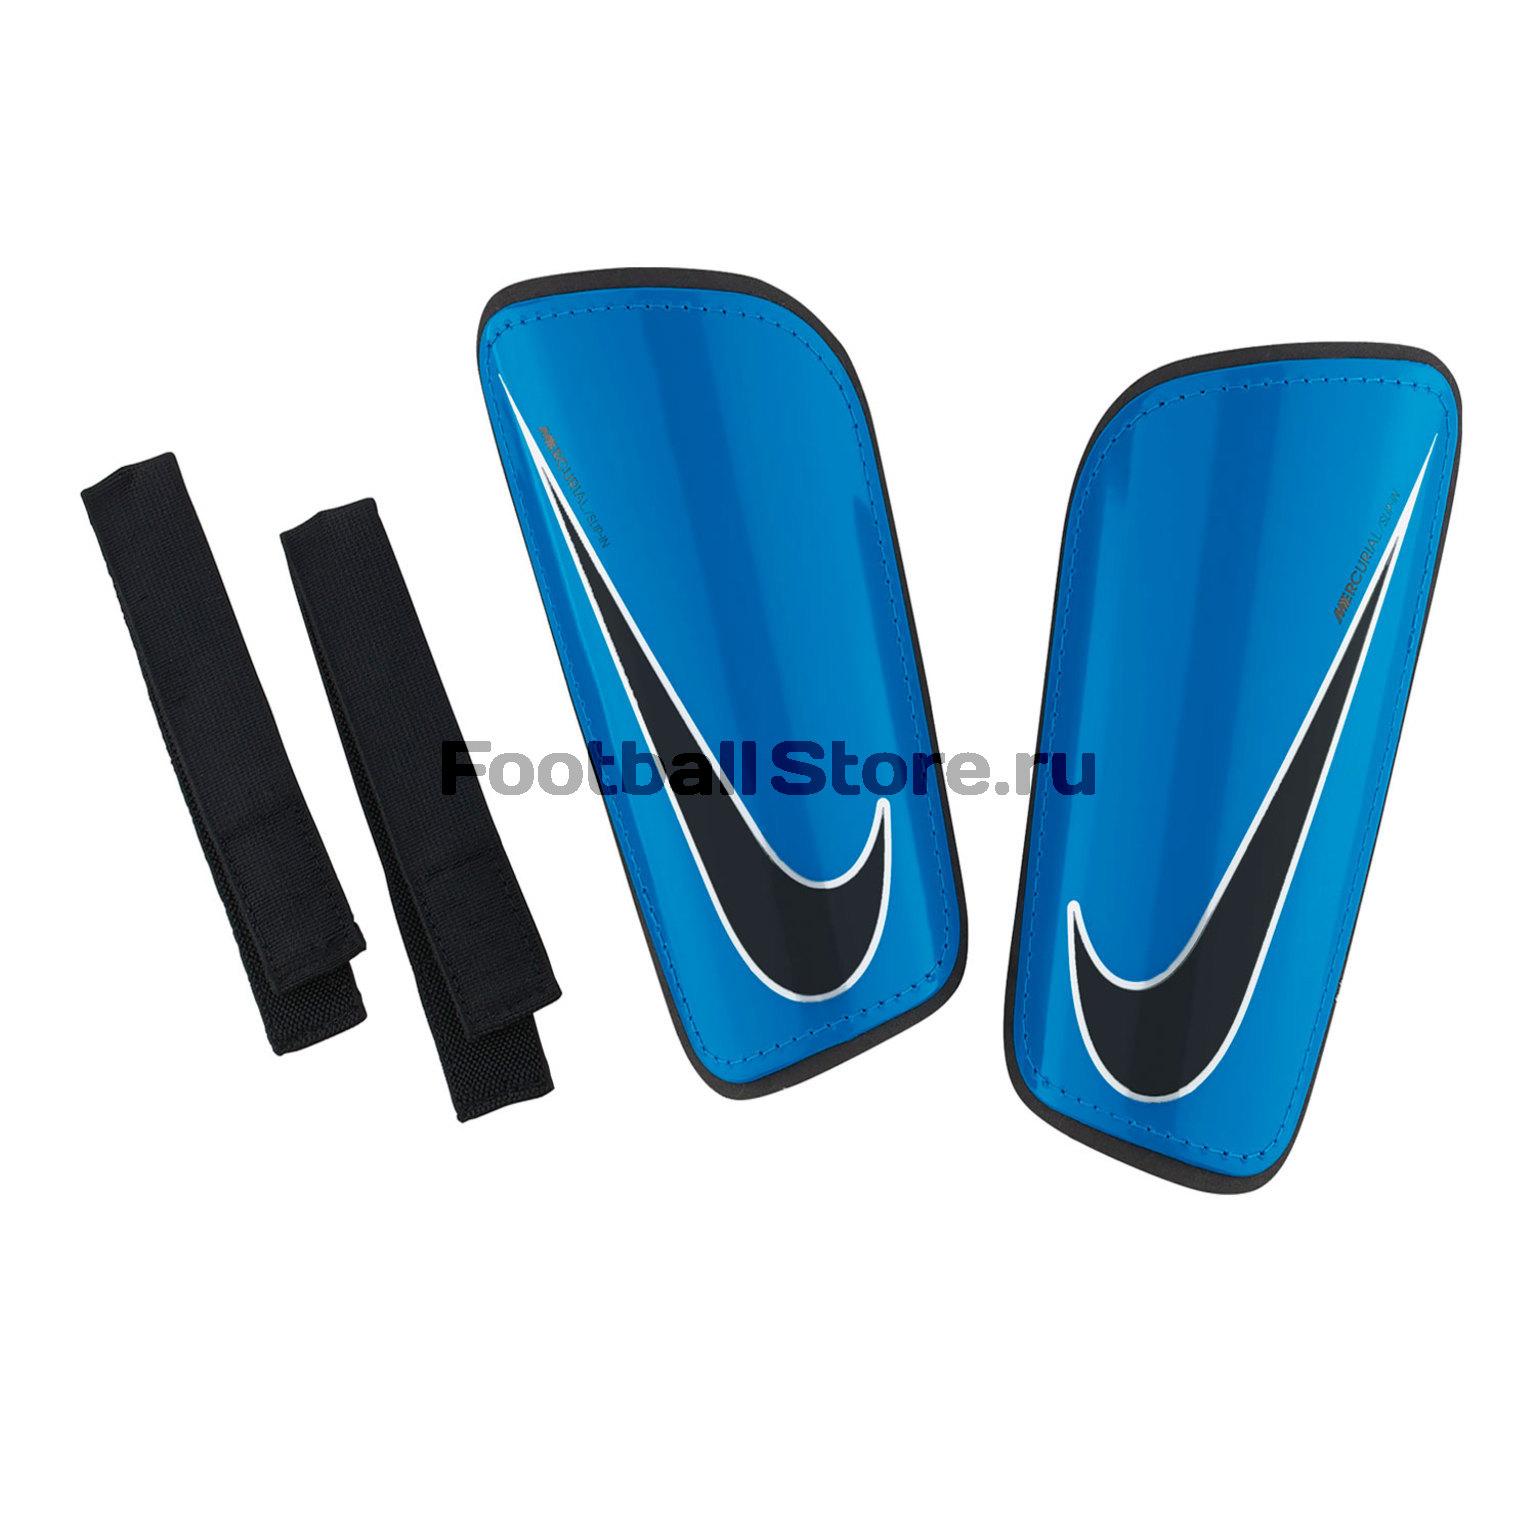 Защита ног Nike Щитки Nike NK Mercurial HRDSHL SP2101-406